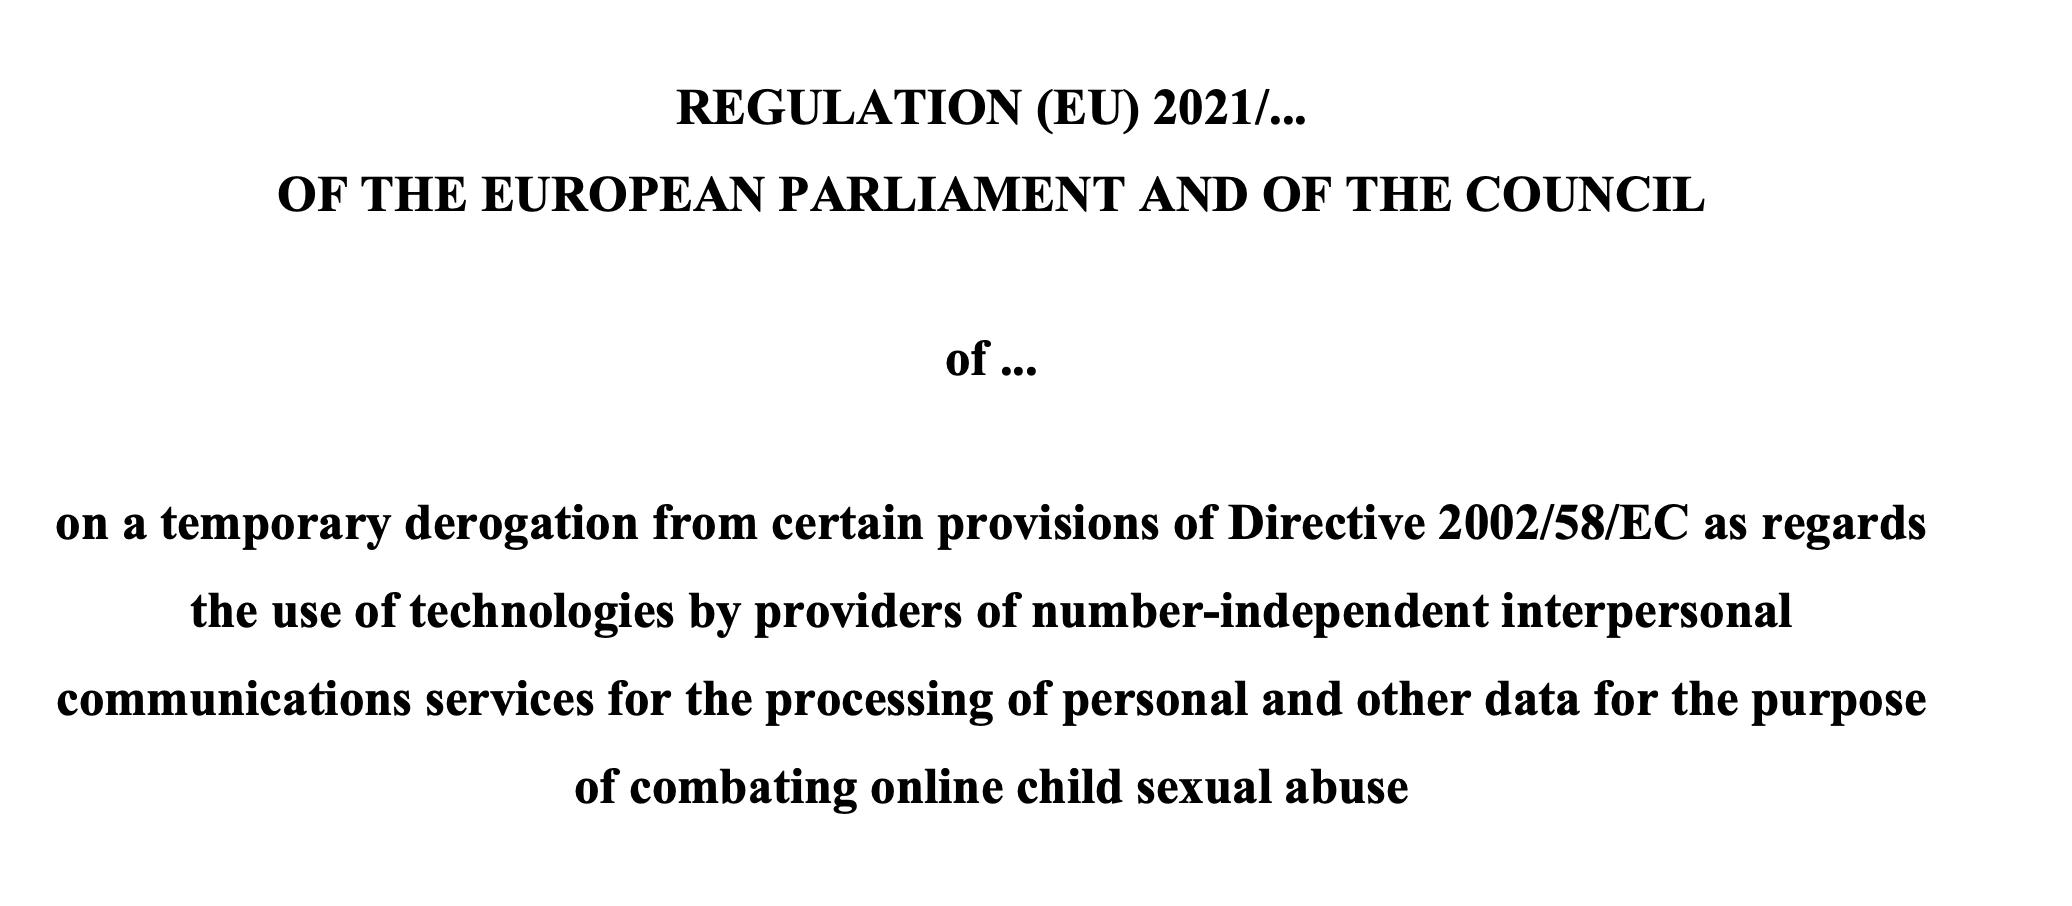 screenshot of header of regulation text